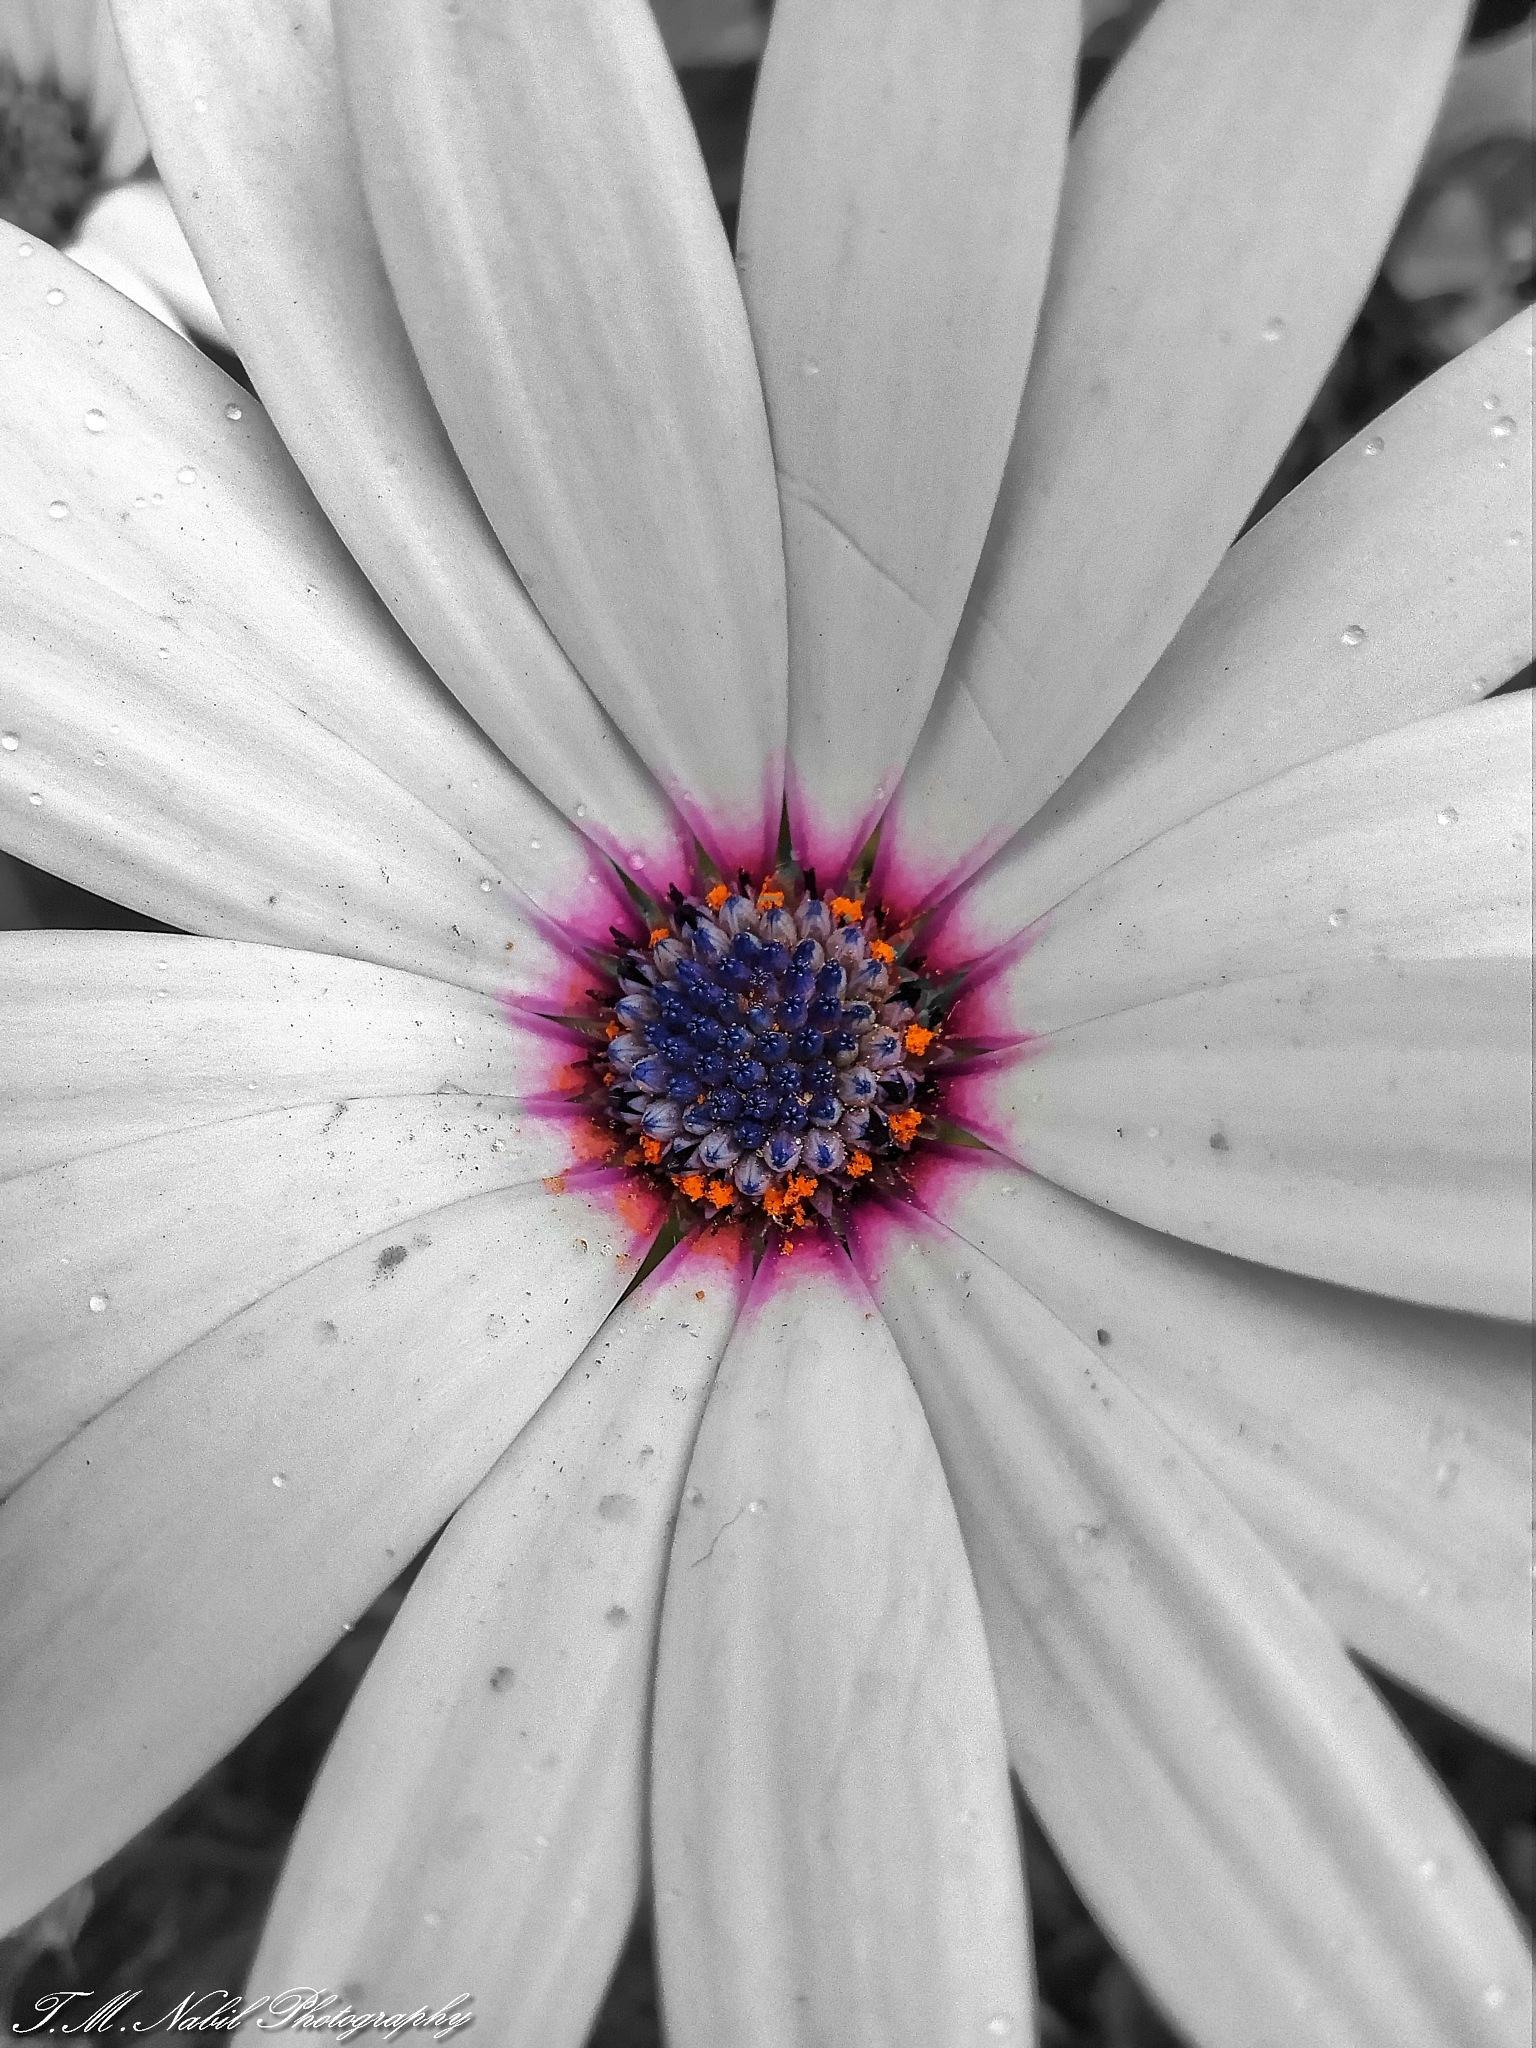 Flower by Toumi Mohamed Nabil